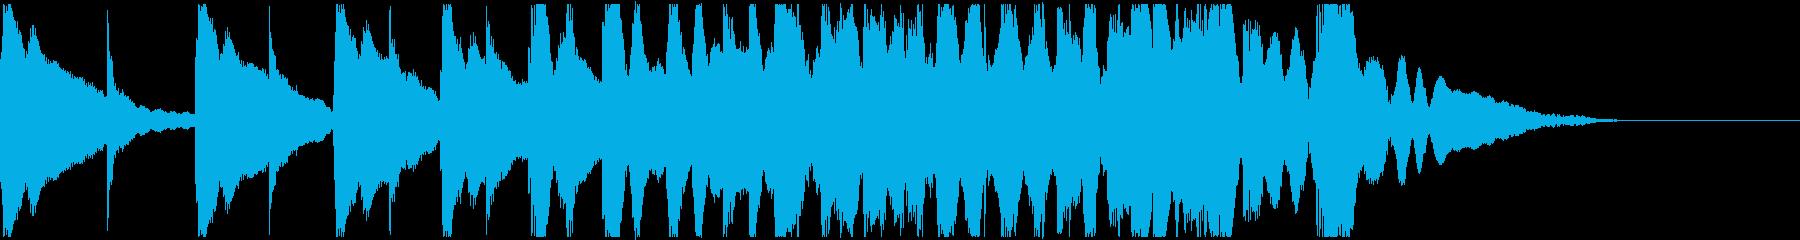 低い太鼓と高い太鼓が交互に次第に速く鳴るの再生済みの波形